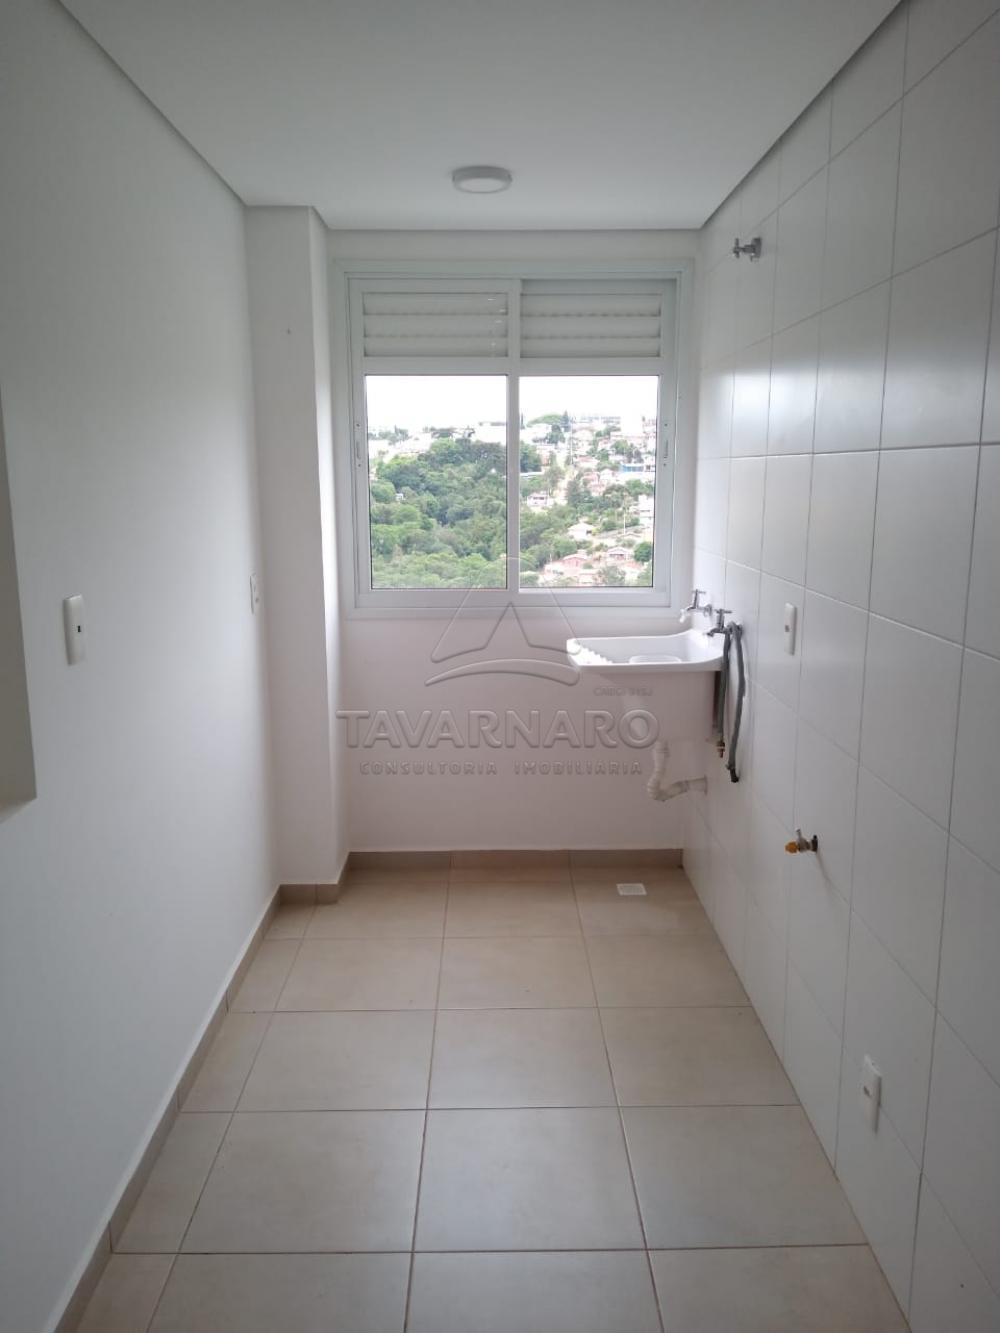 Alugar Apartamento / Padrão em Ponta Grossa apenas R$ 550,00 - Foto 16